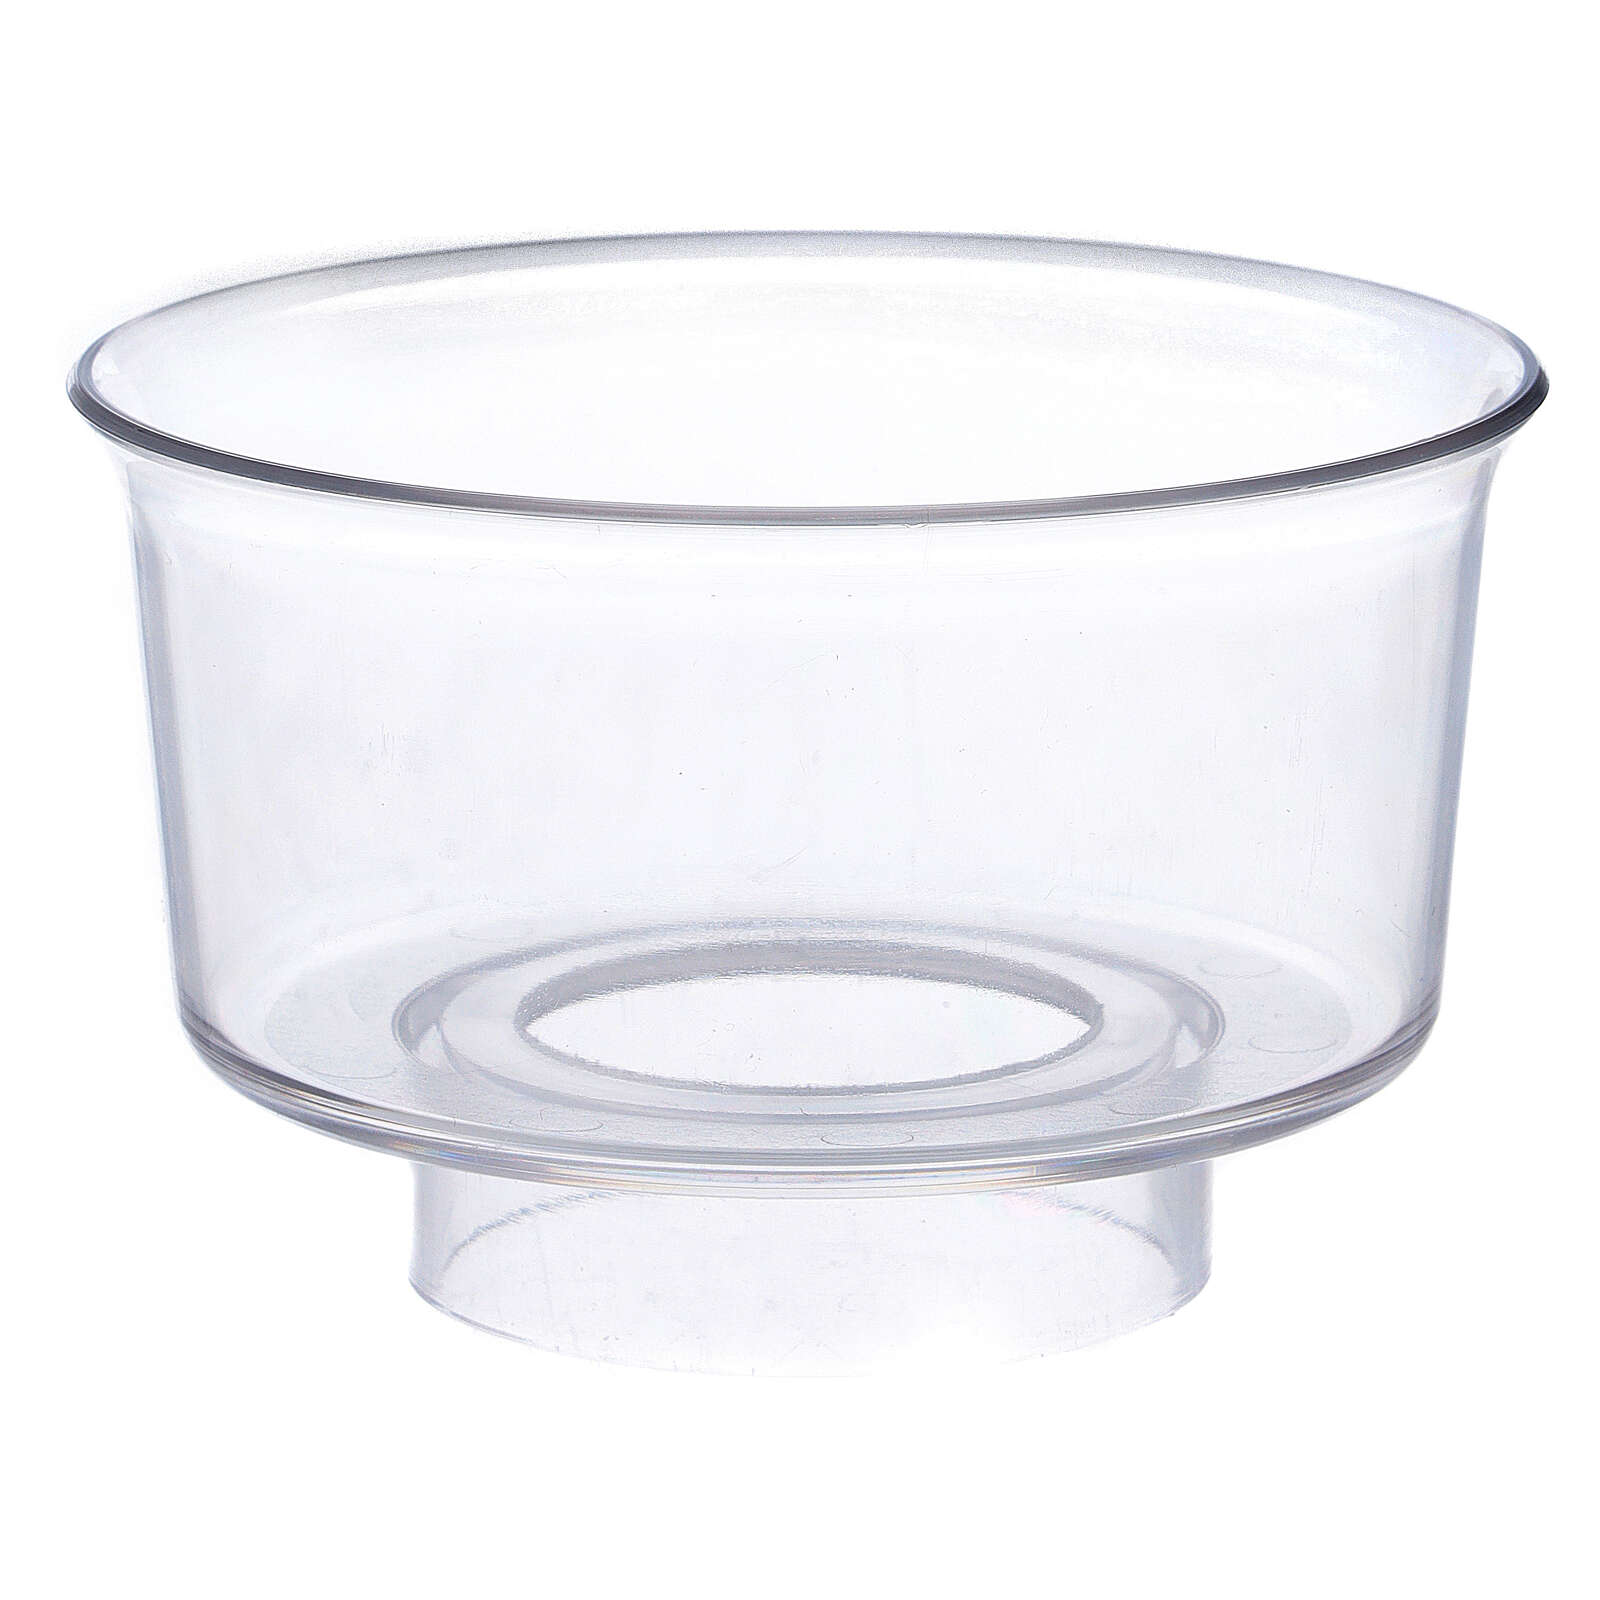 Paravento per candela in vetro diametro 3,2 cm 3